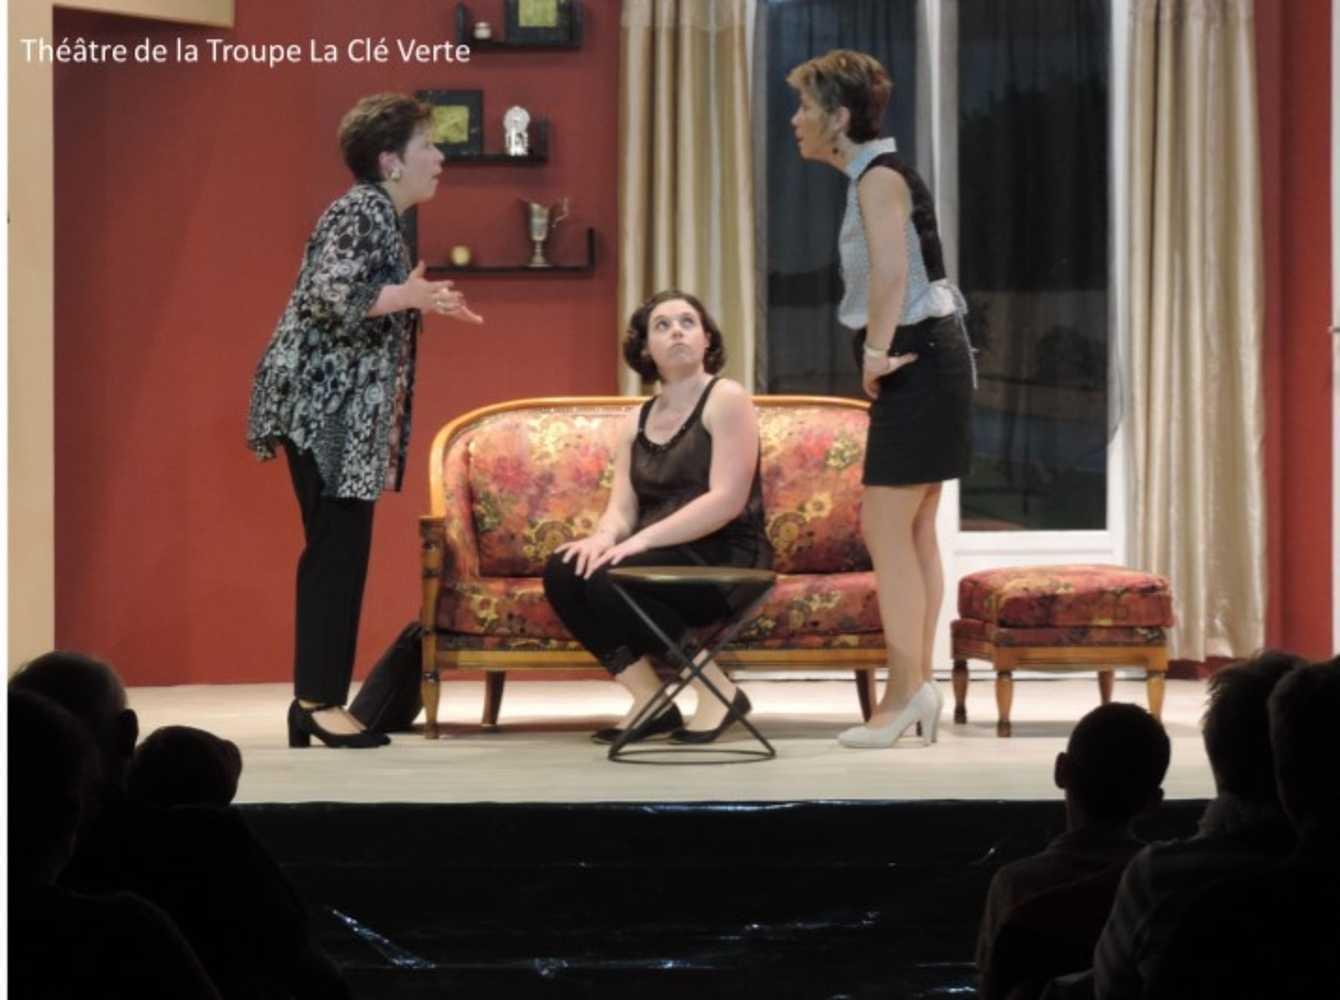 Troupe de théâtre la Clé Verte : photos des représentations image8